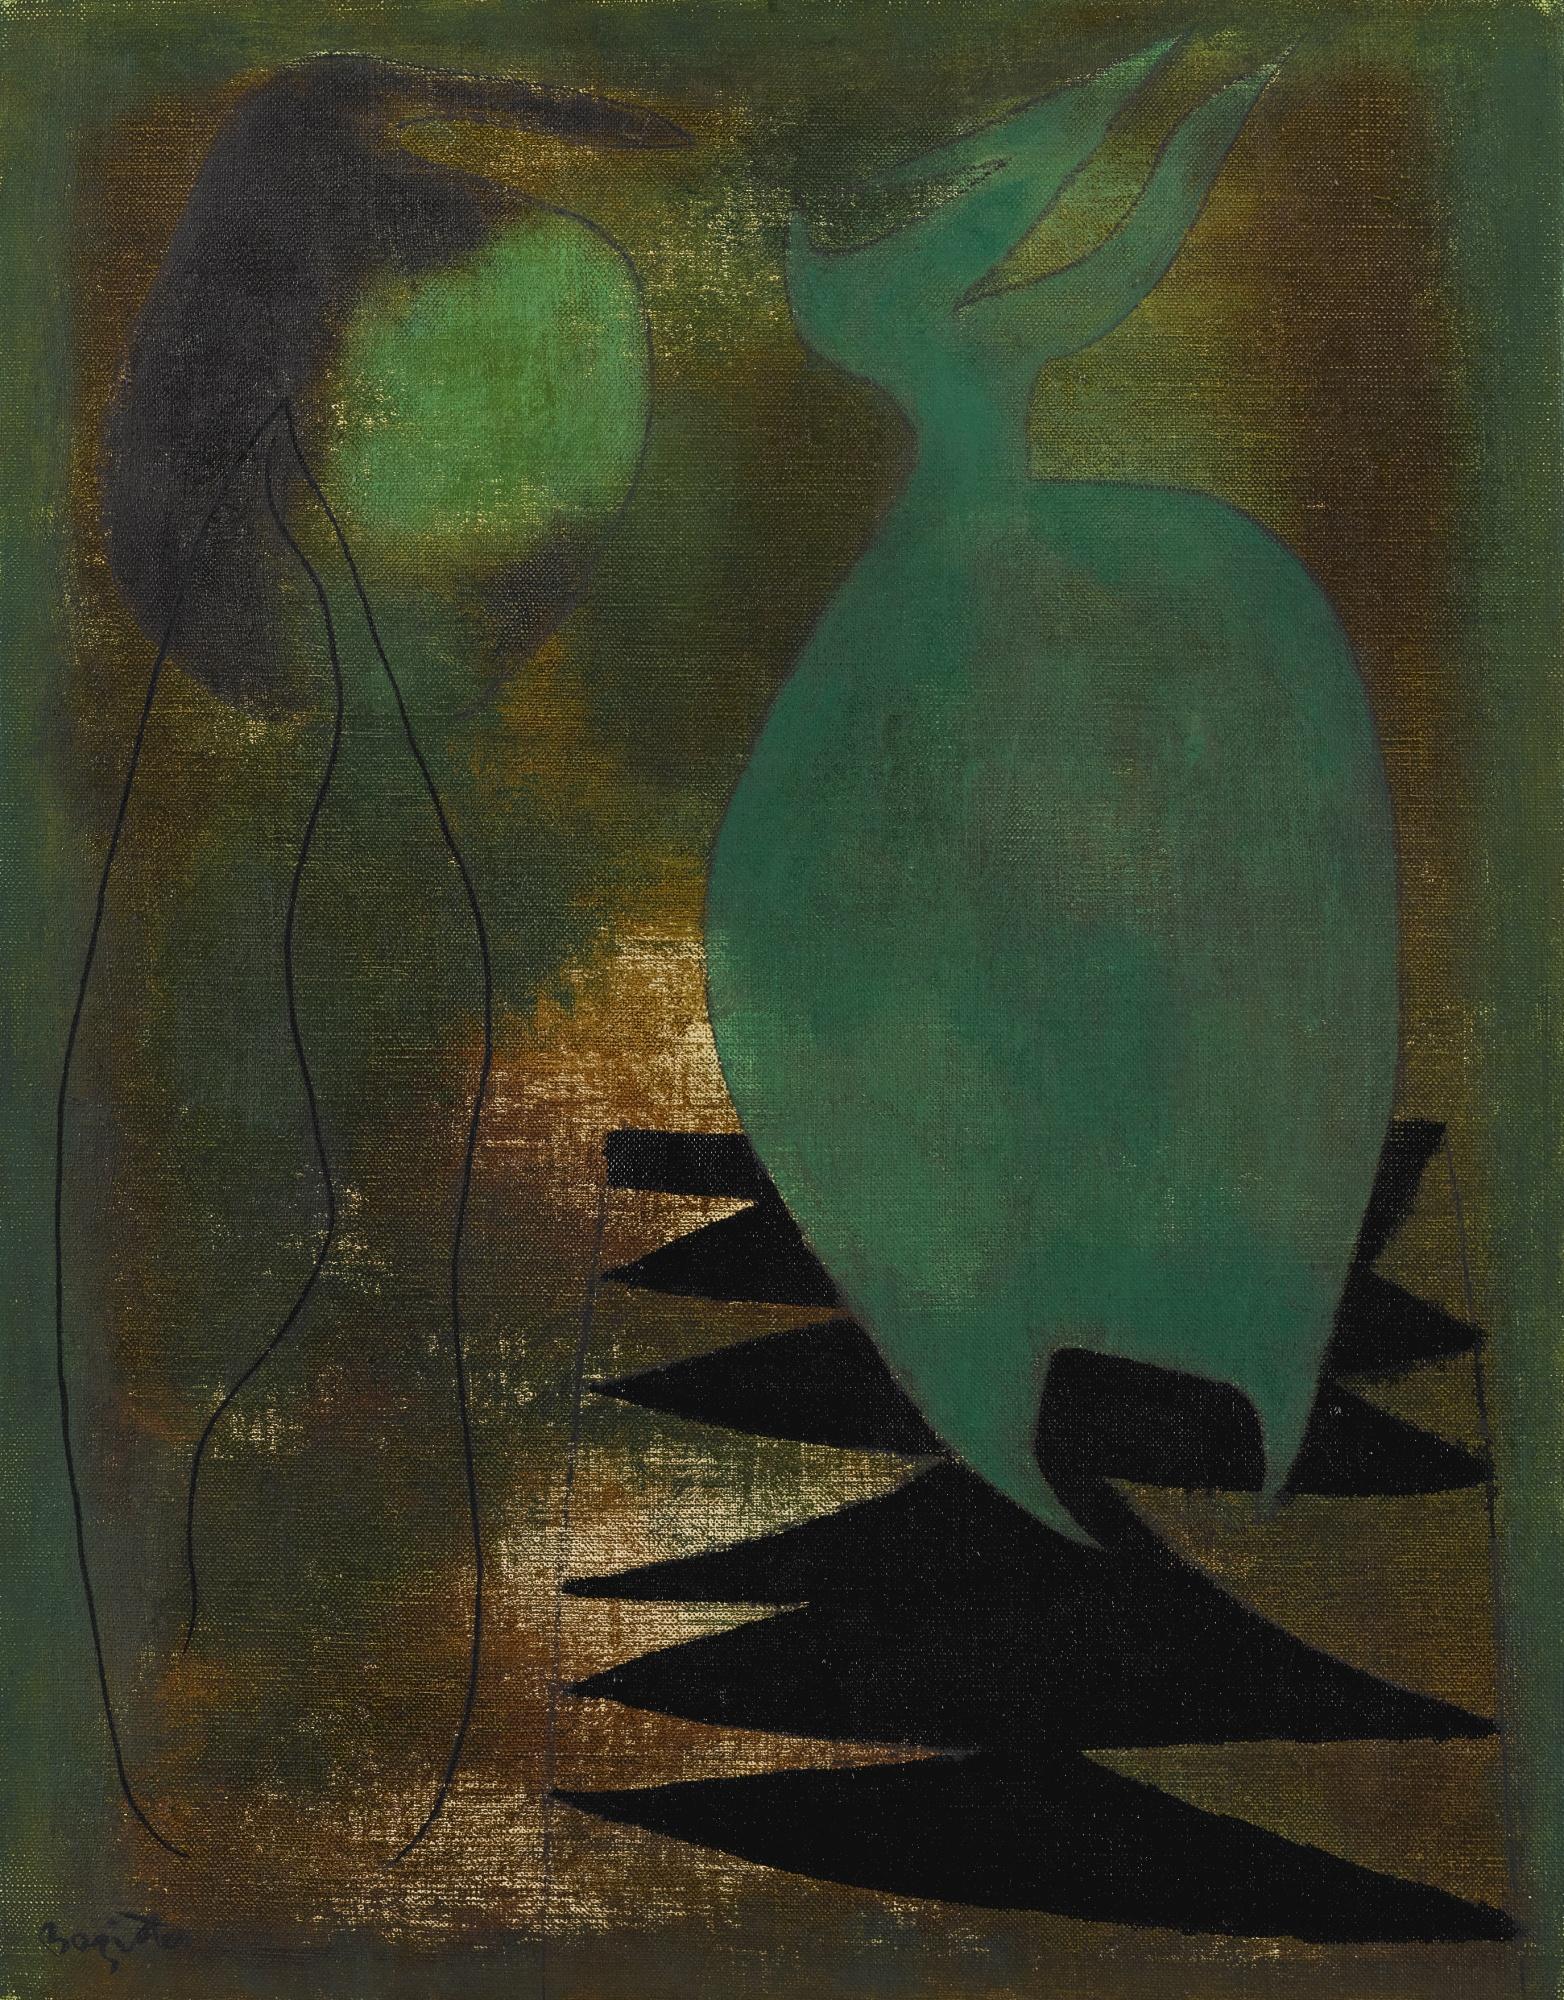 William Baziotes-Autumn-1954